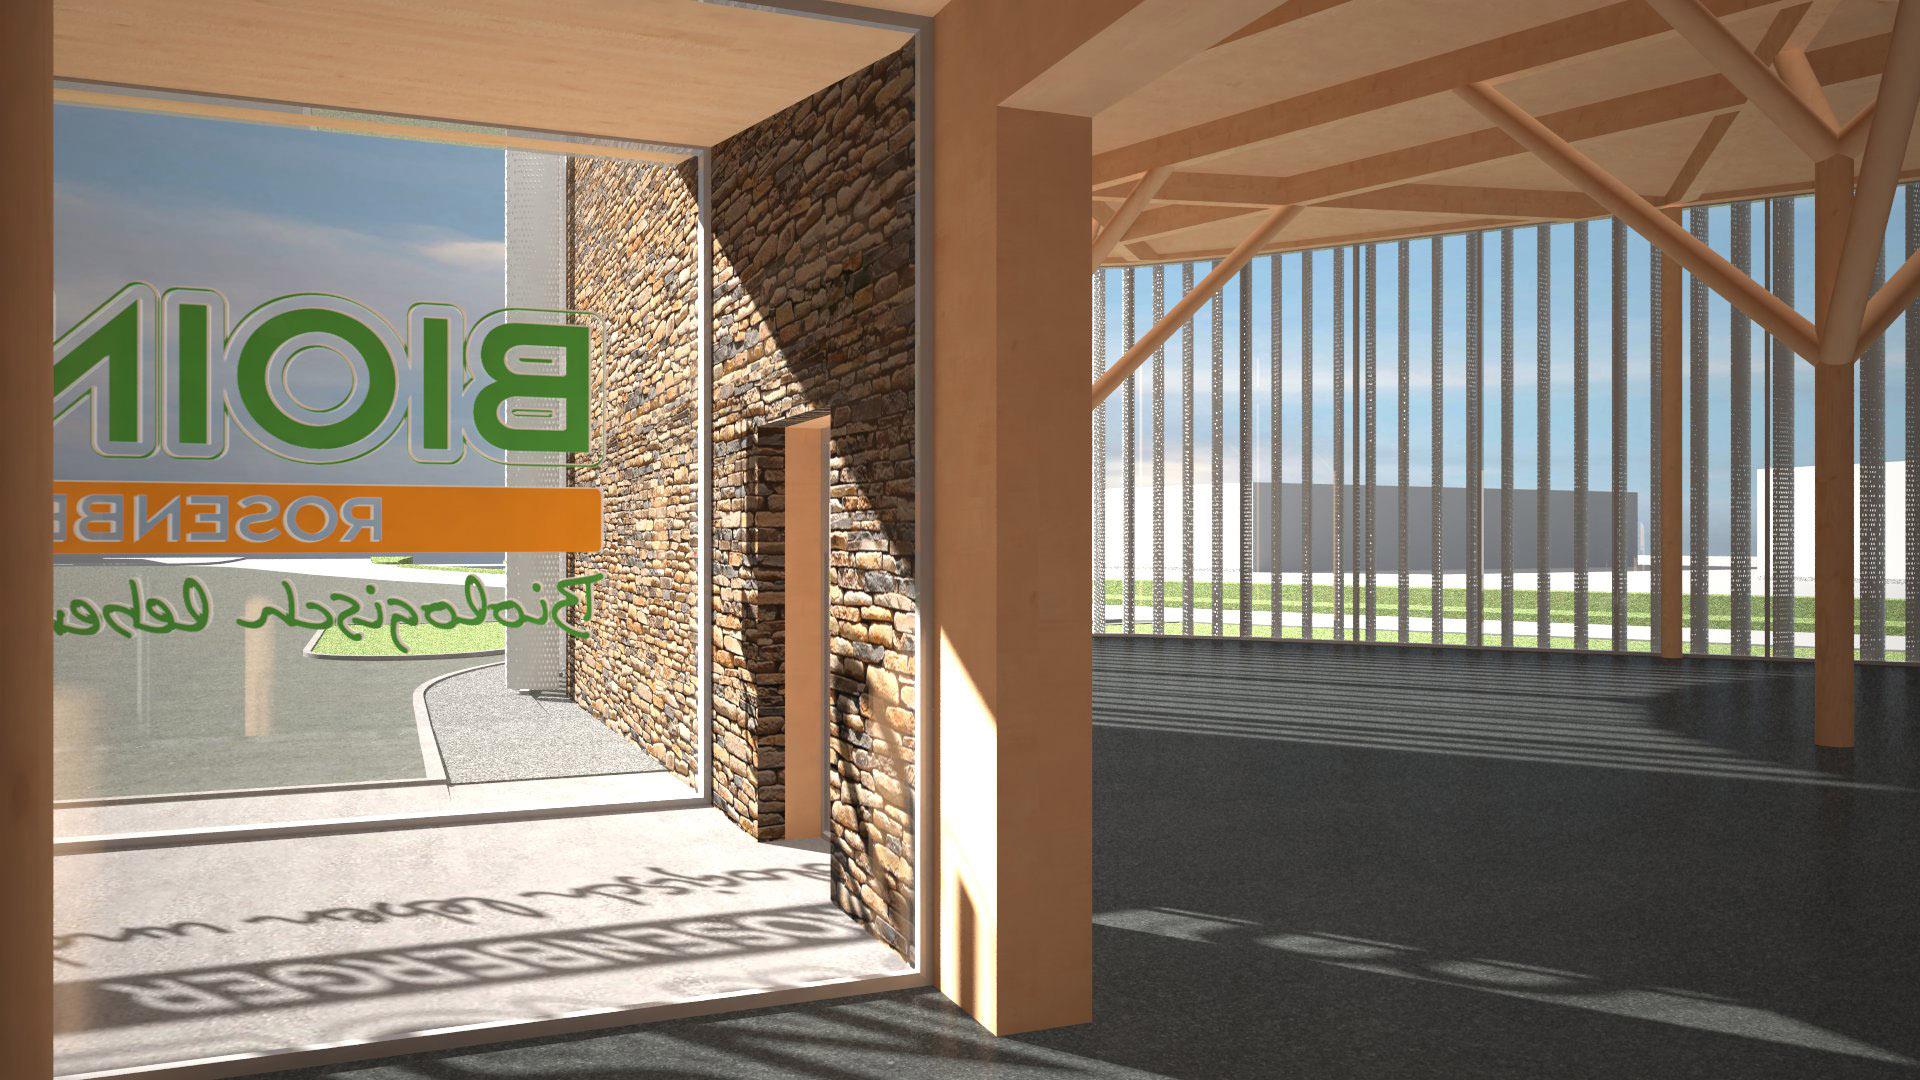 VIZUALIZACE OBCHOD BIOINSEL ve městě WEIZ - projekt od Kaltenegger und Partner Architekten, www.kupa.at, zahájení výstavby na podzim 2017